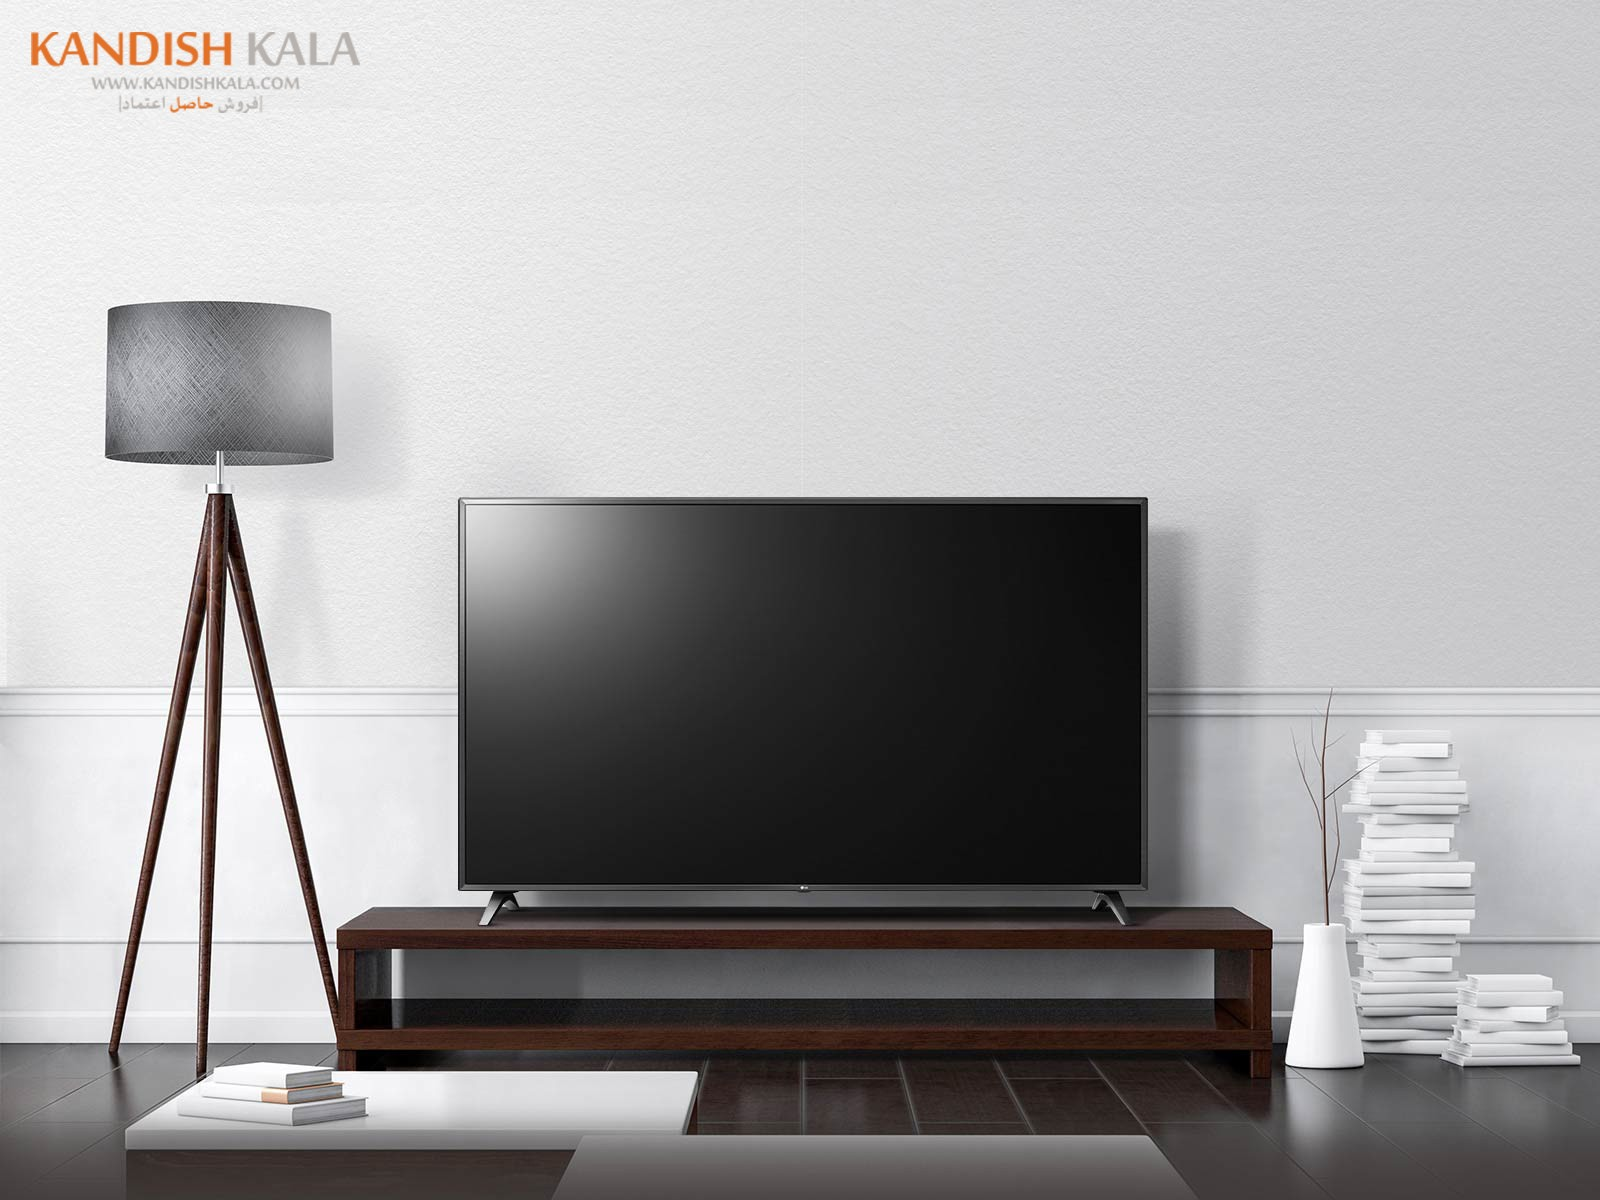 قیمت تلویزیون 50 ال جی مدل 50UM7350